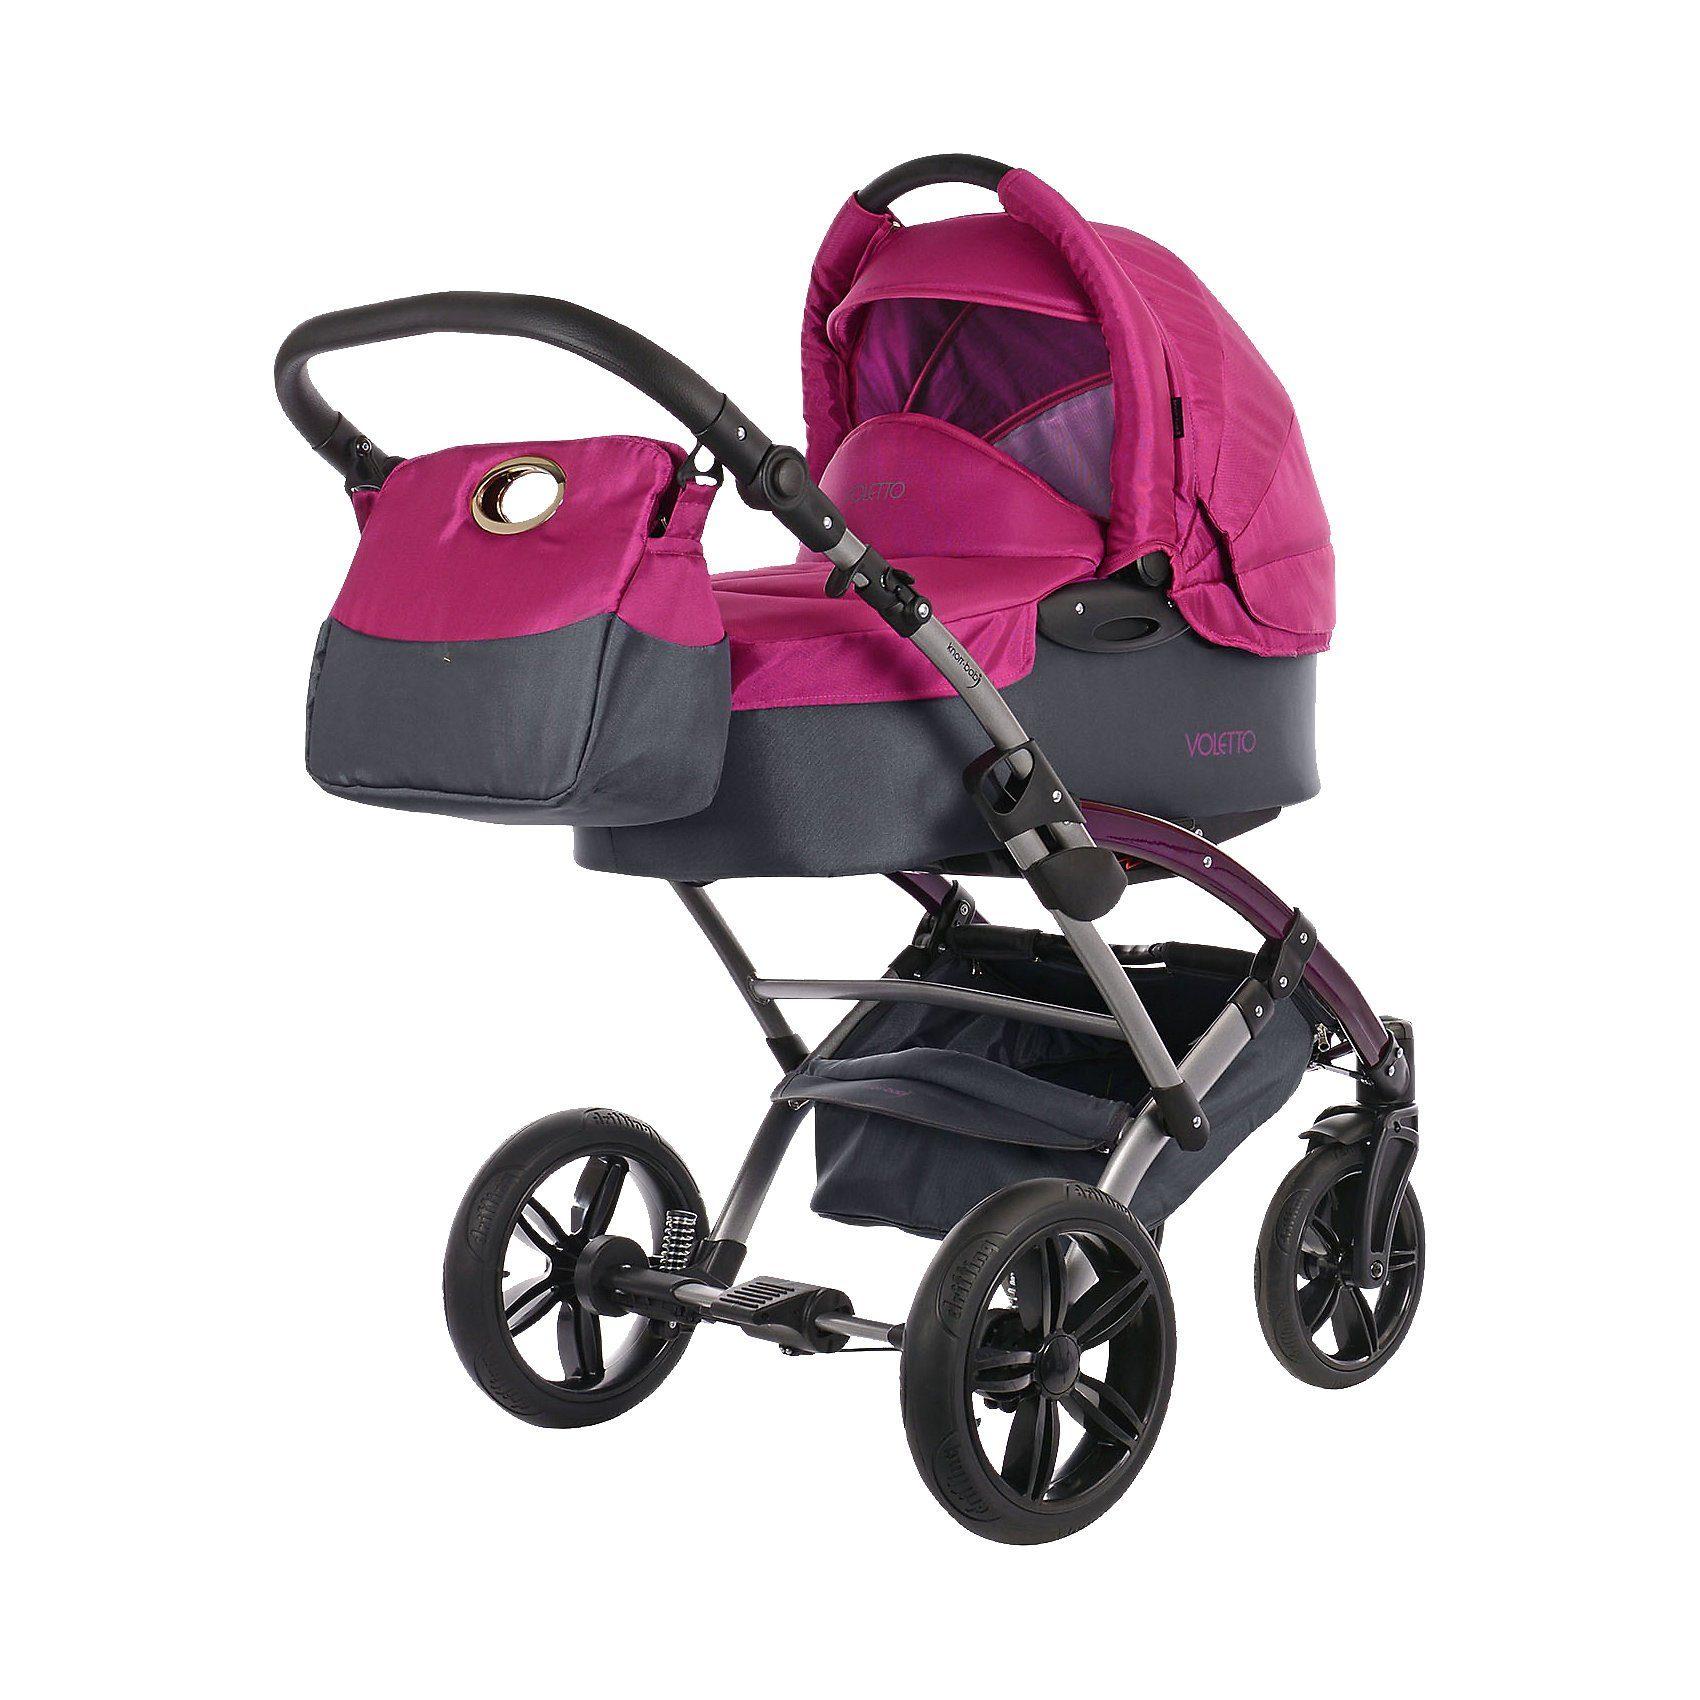 knorr-baby Kombi Kinderwagen Voletto Sport mit Wickeltasche, grau-pink